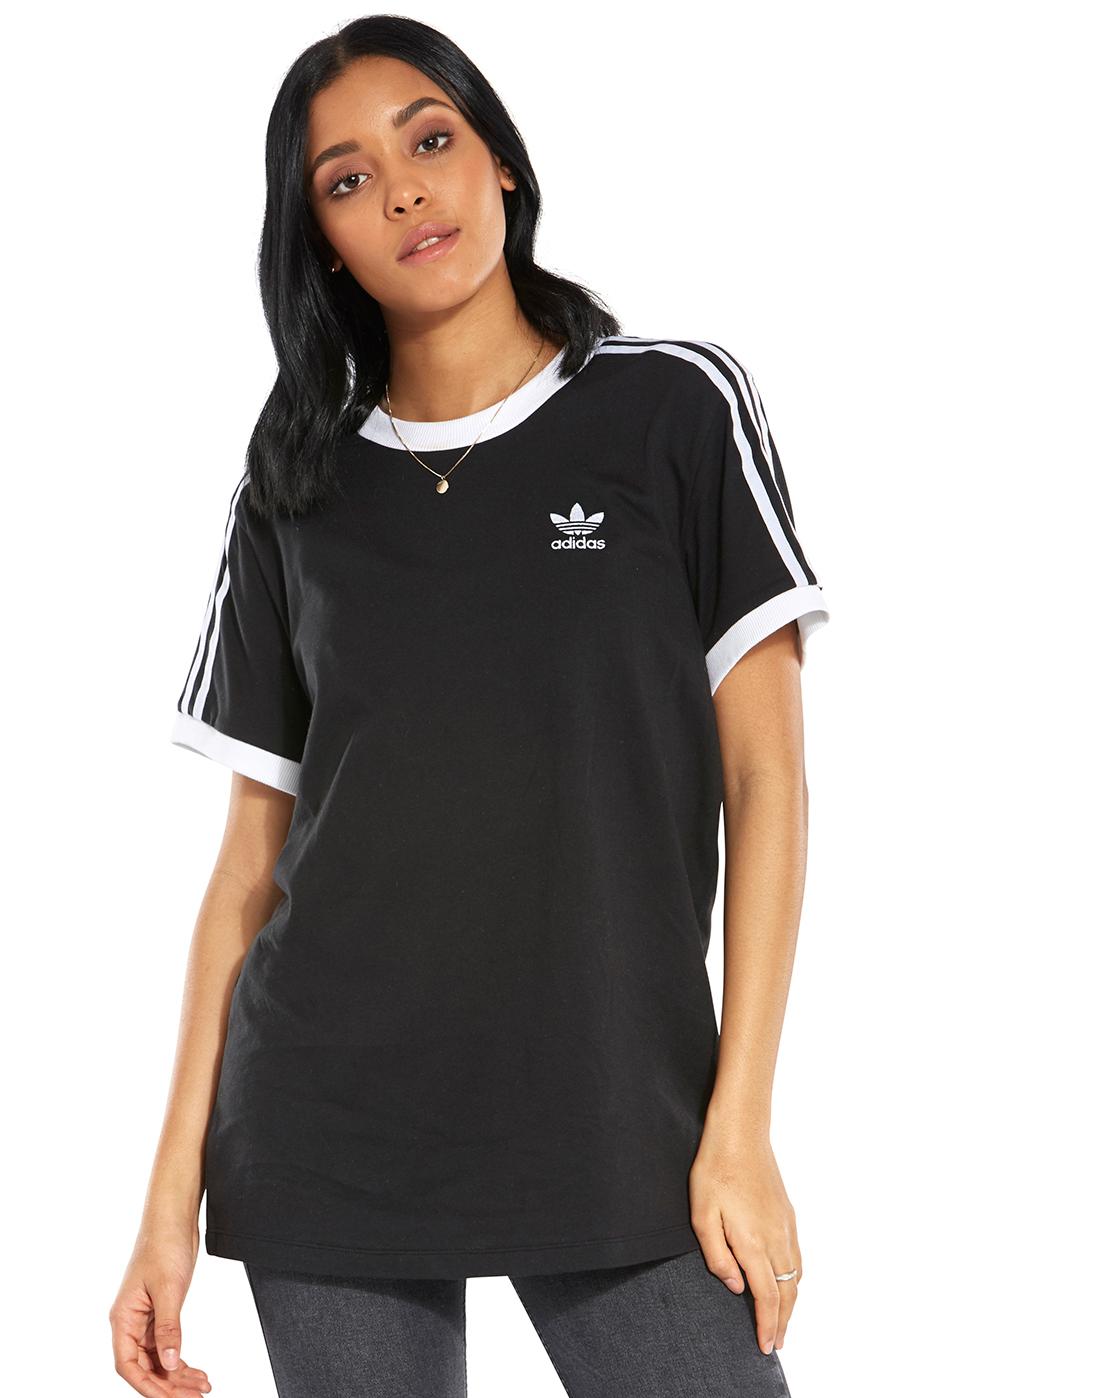 womens adidas black t shirt